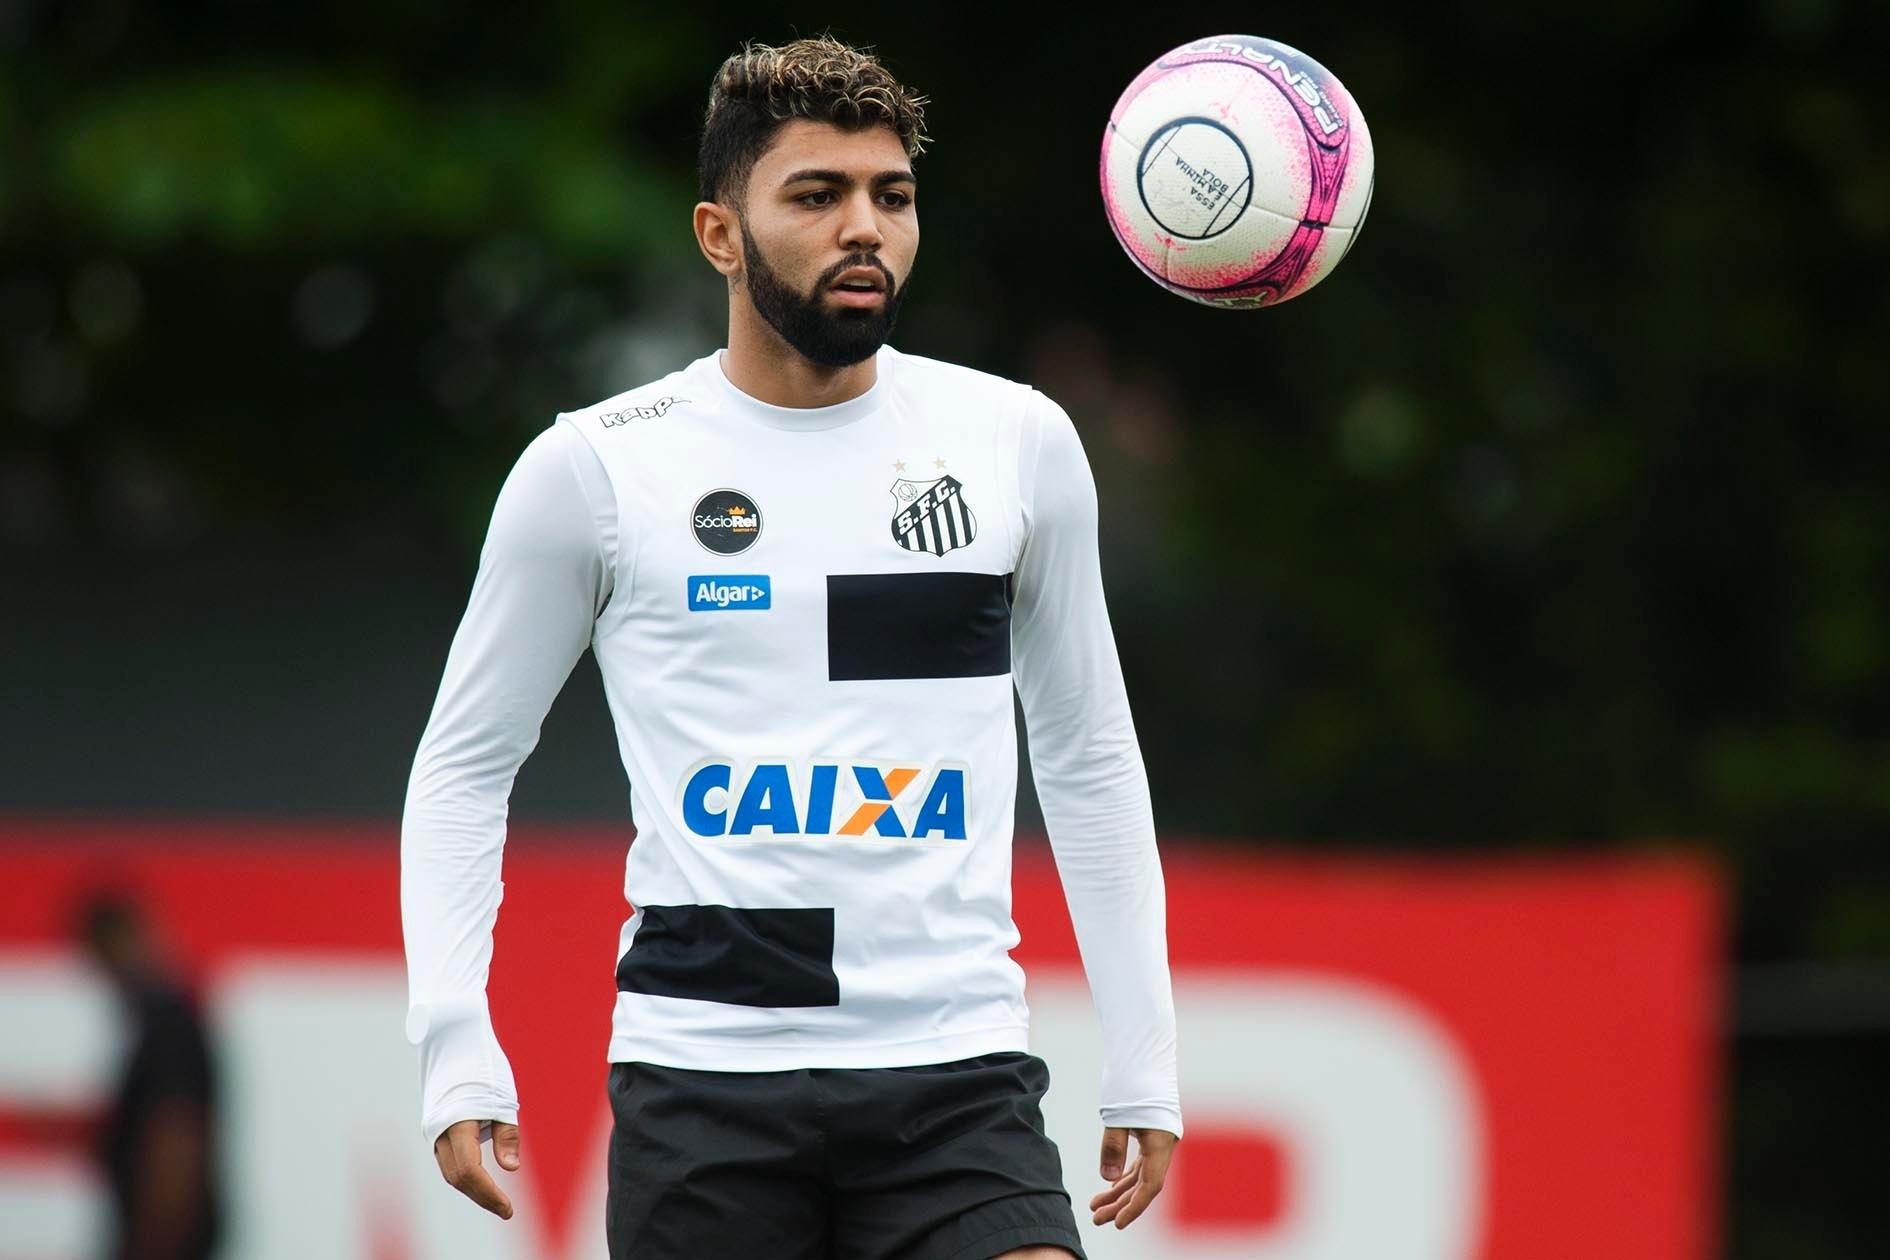 Gabigol é registrado no BID e pode reestrear pelo Santos contra o Palmeiras  - 30 01 2018 - UOL Esporte b61ef8d1099da